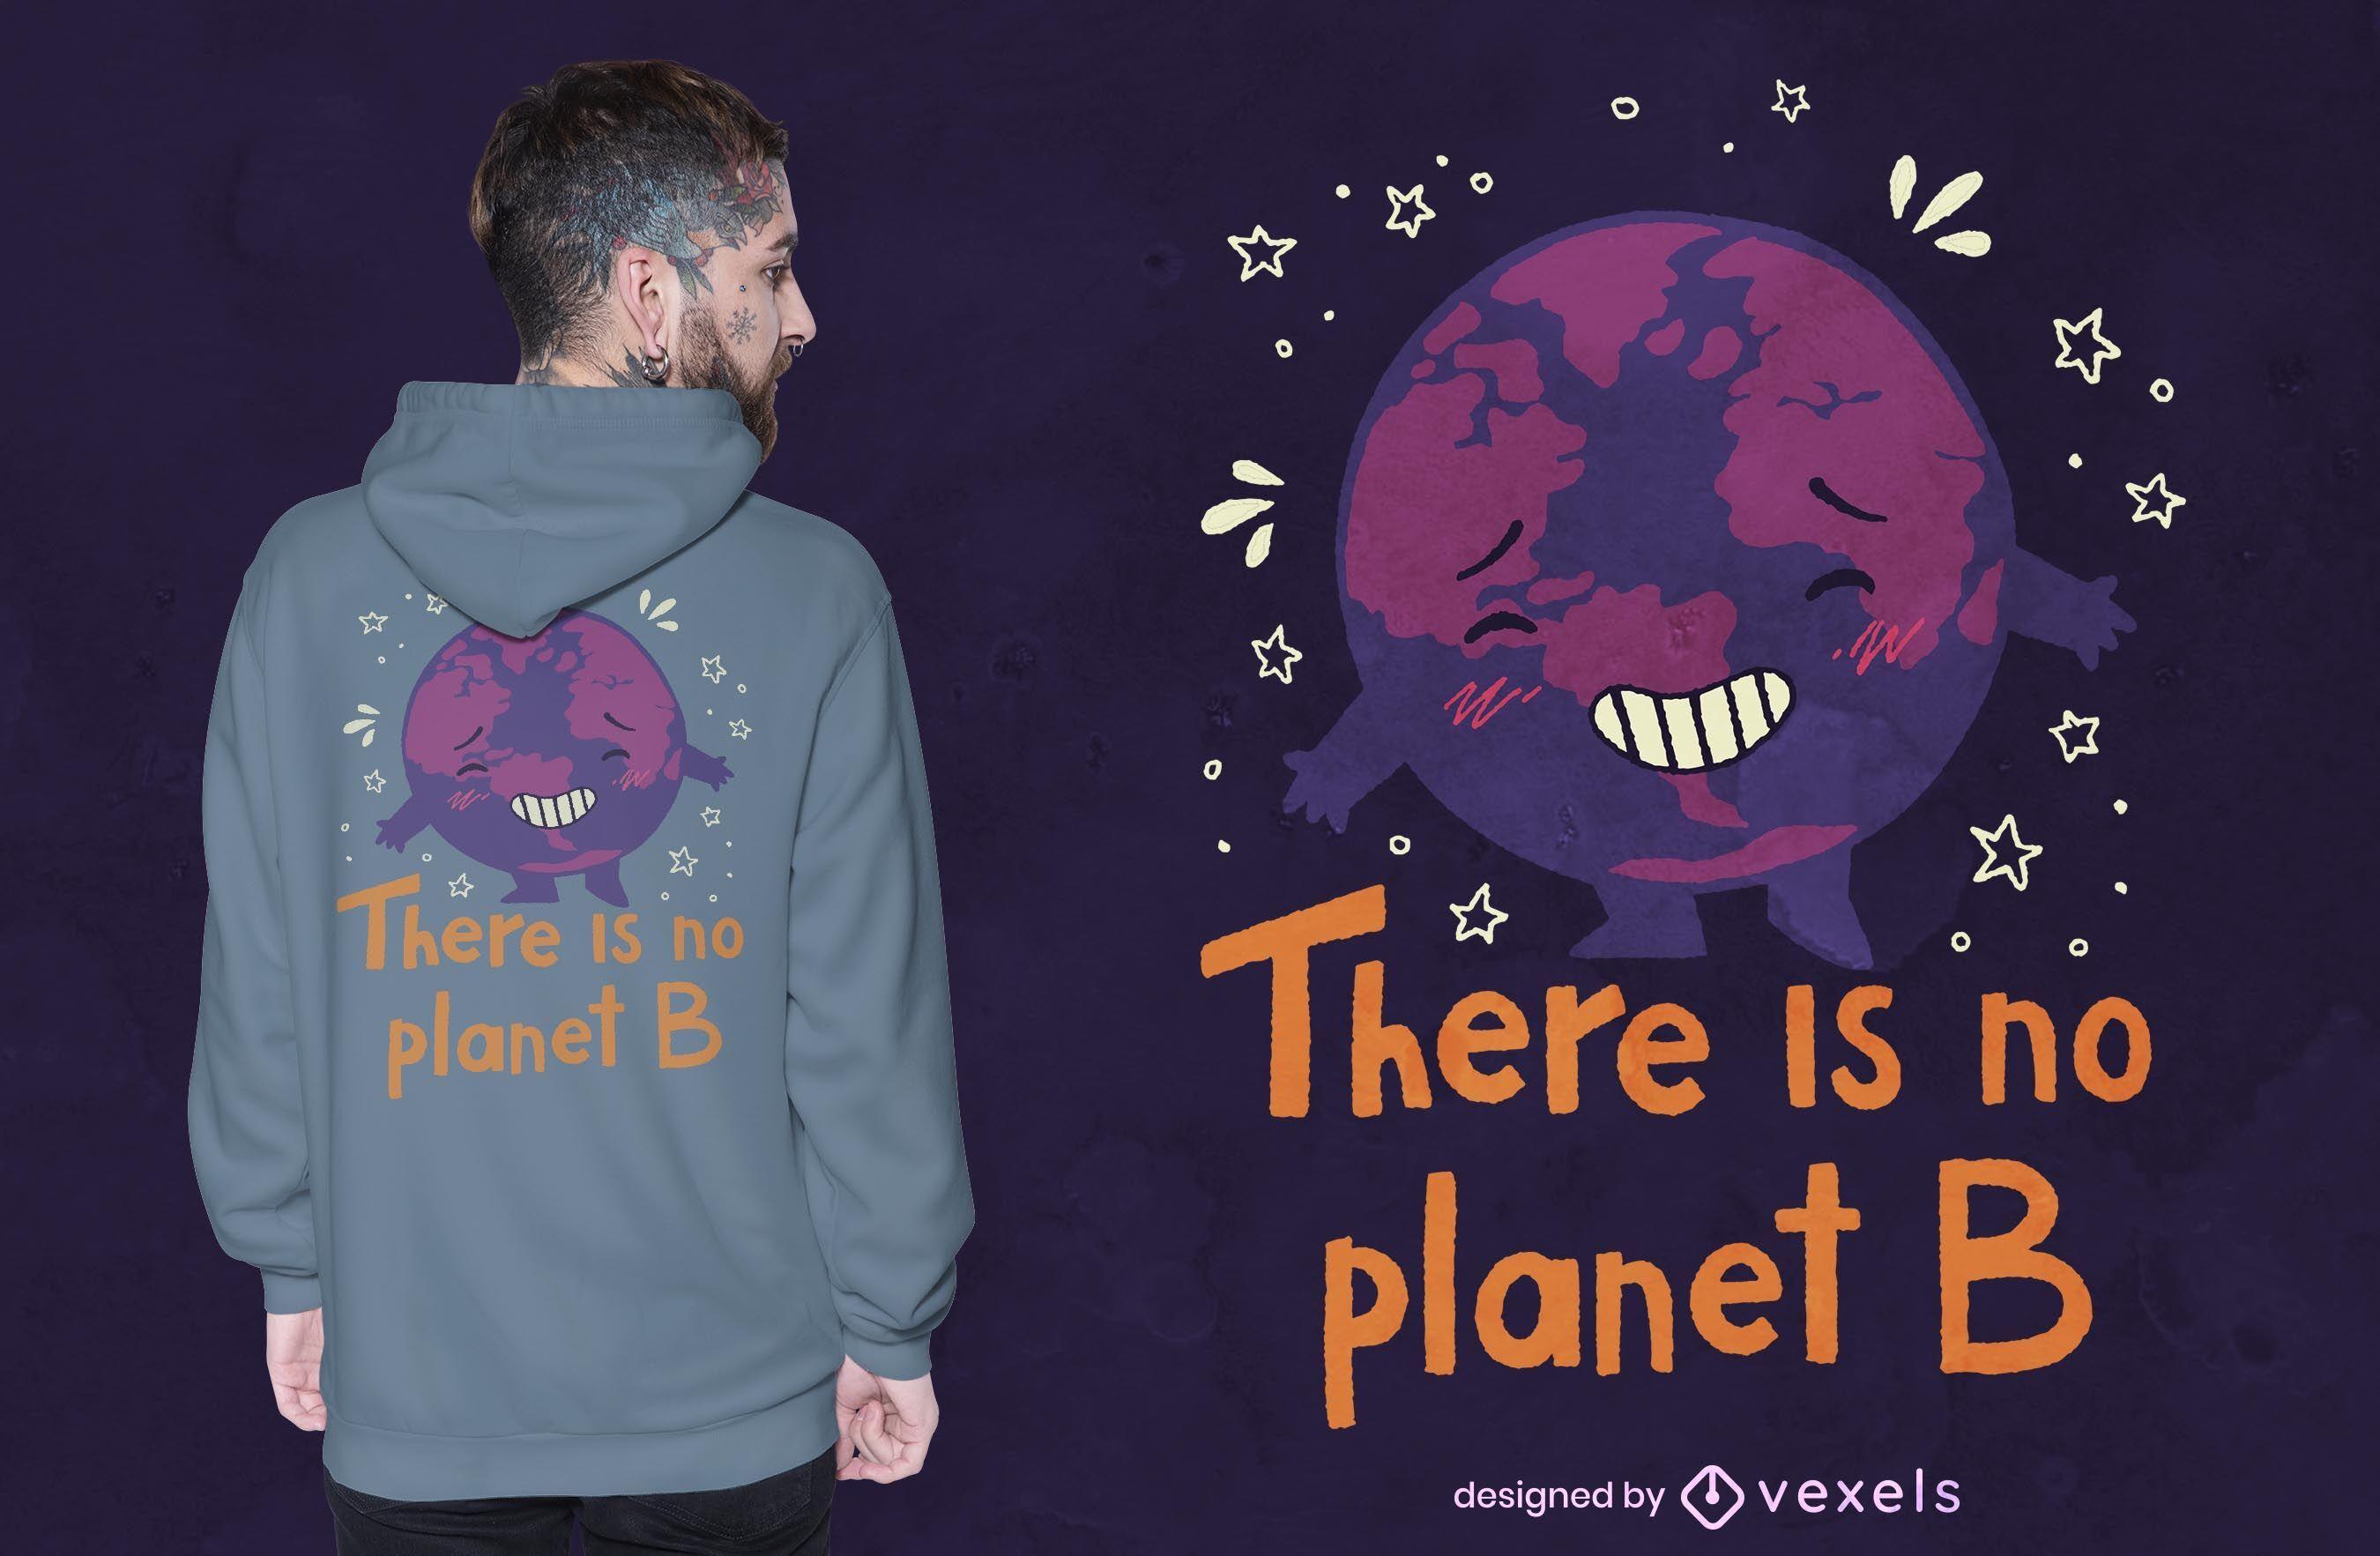 No planet b t-shirt design